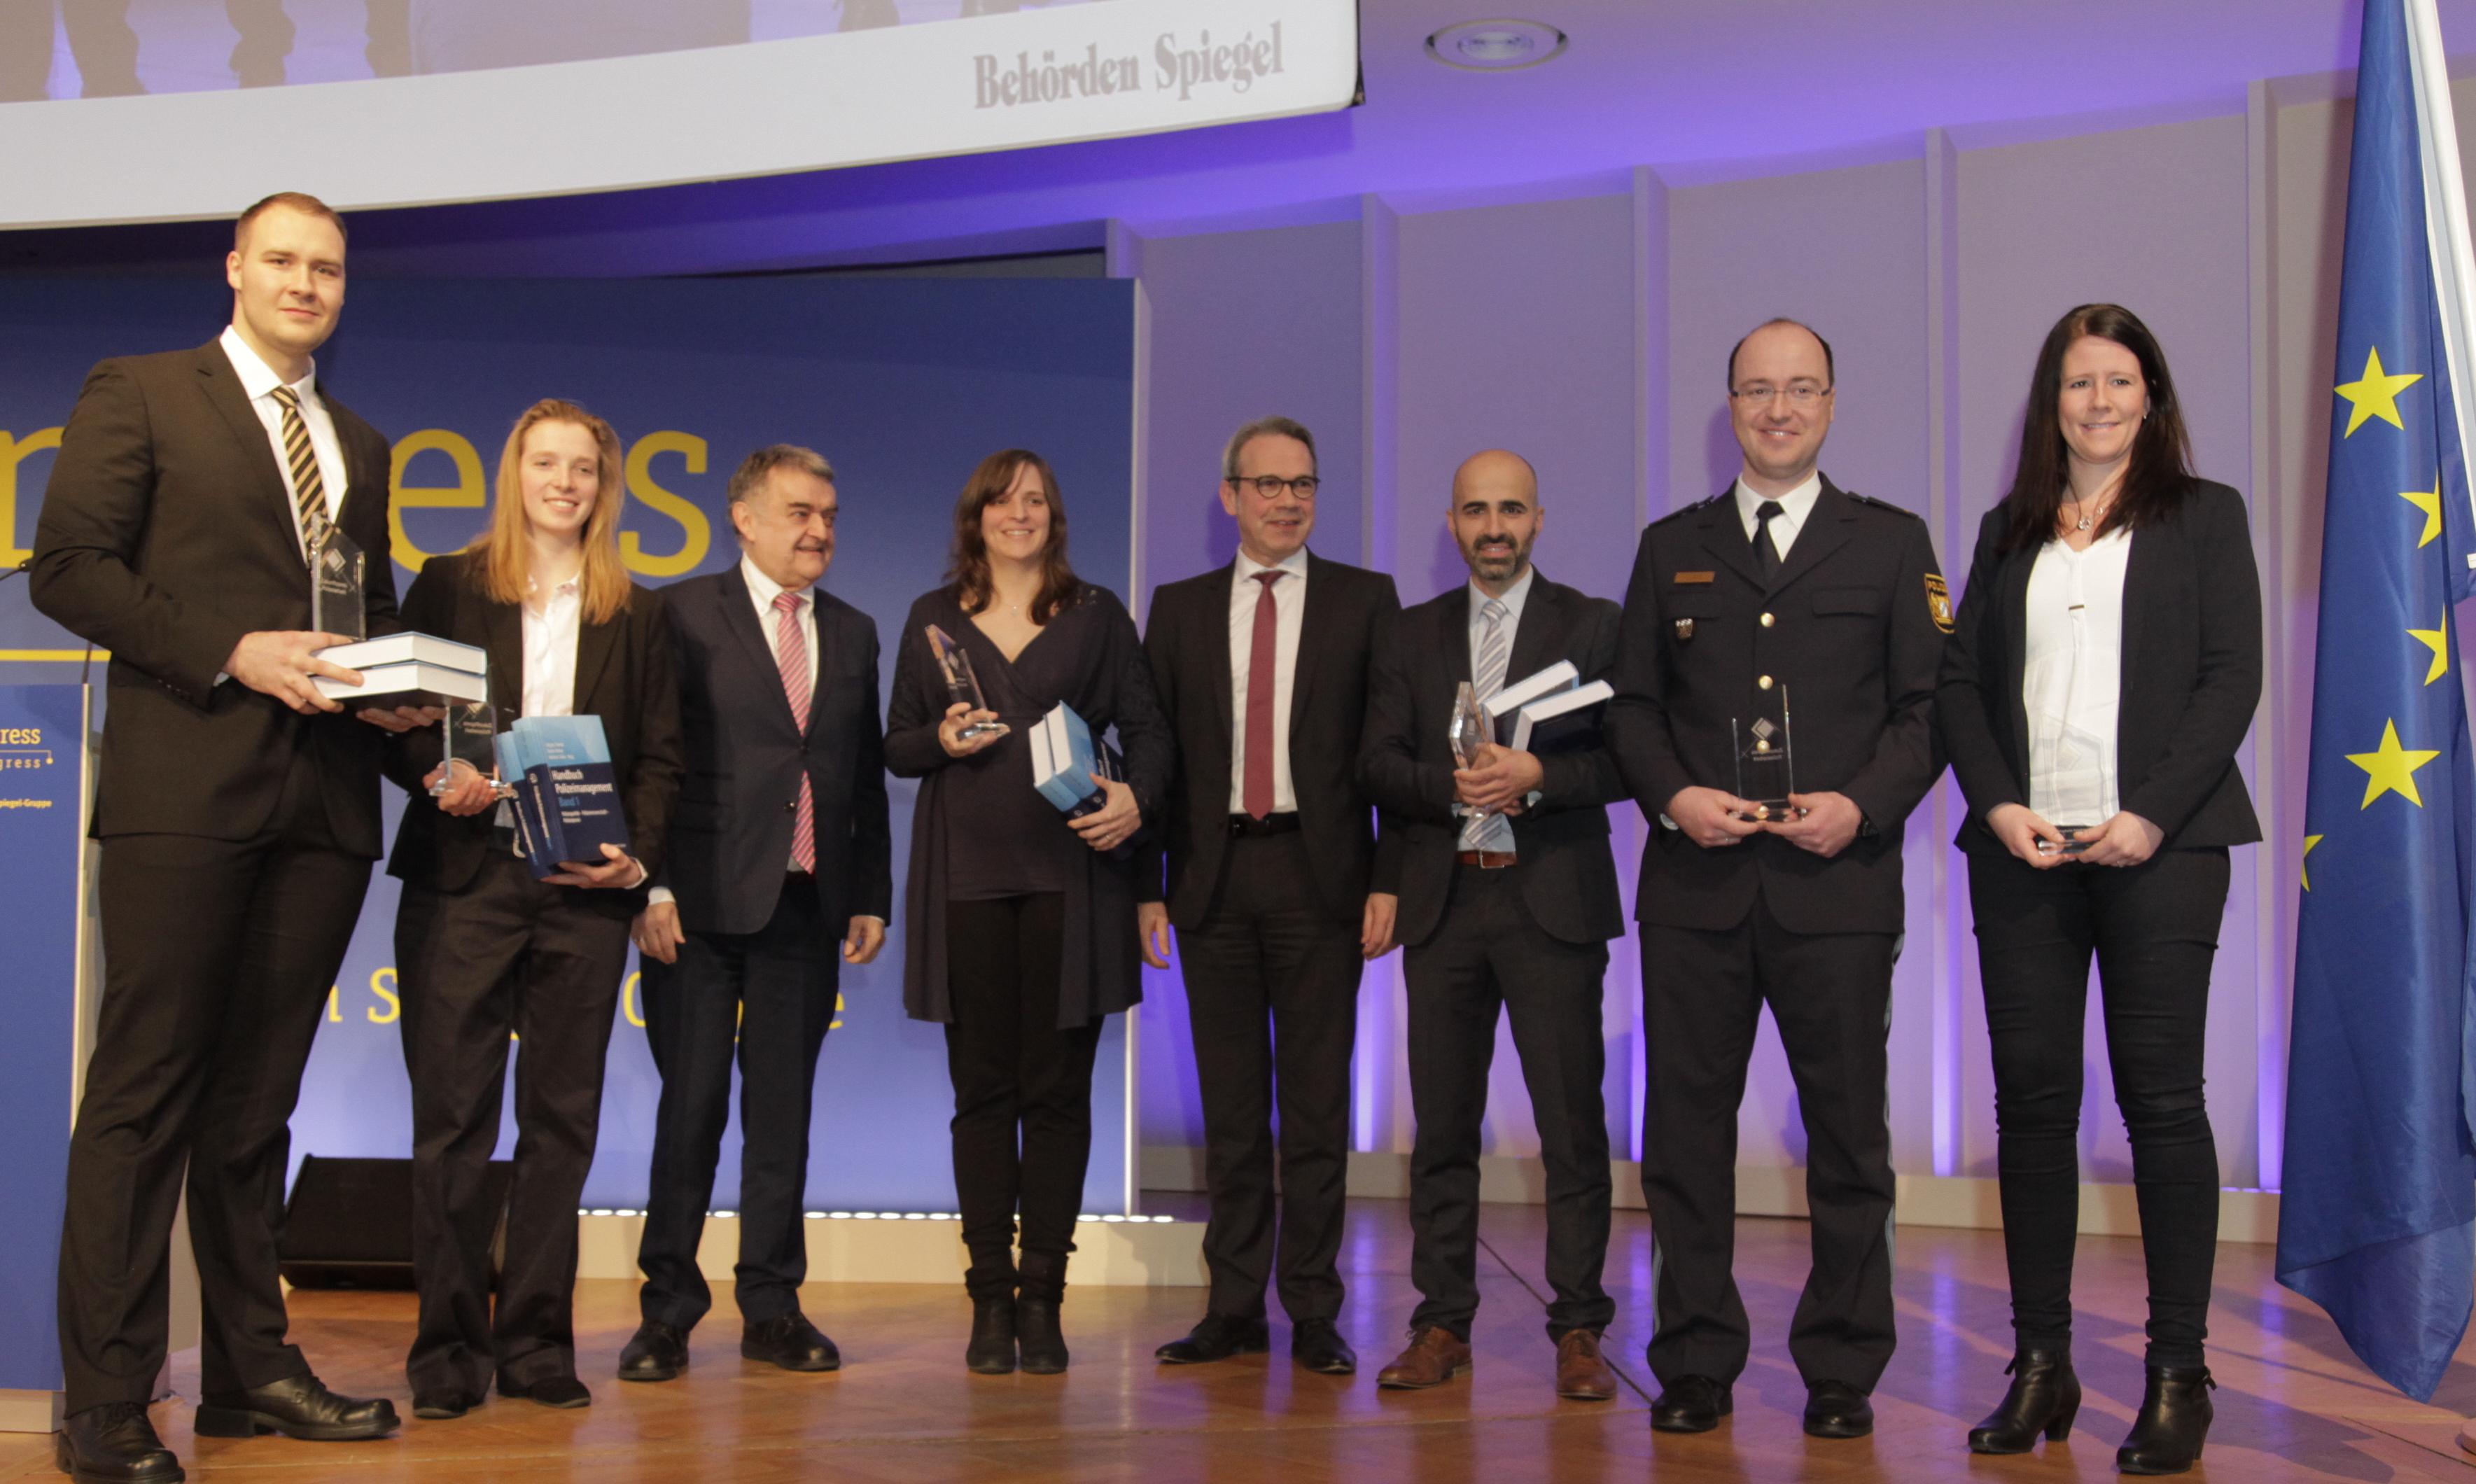 Preisträger Innovationspreis auf dem Europ. Polizeikongress